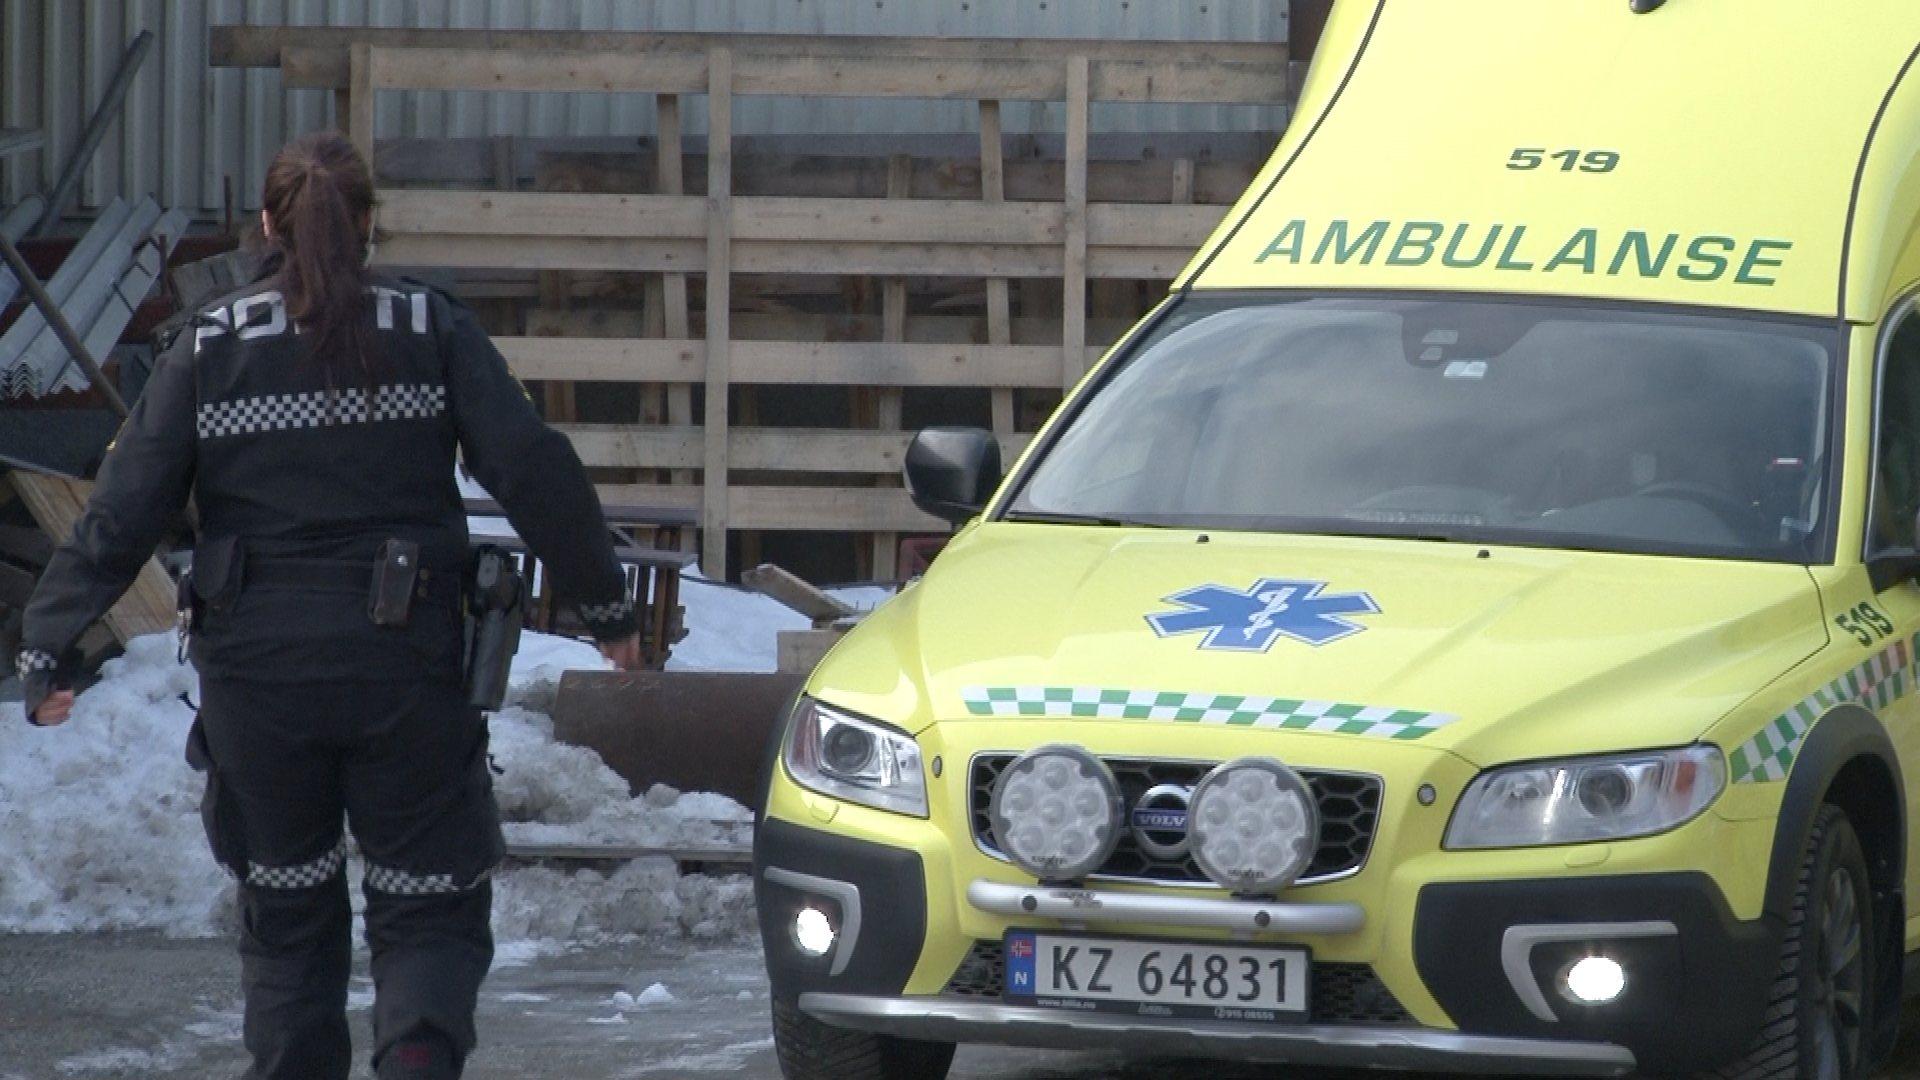 rbeidsulykke Bergan Smie